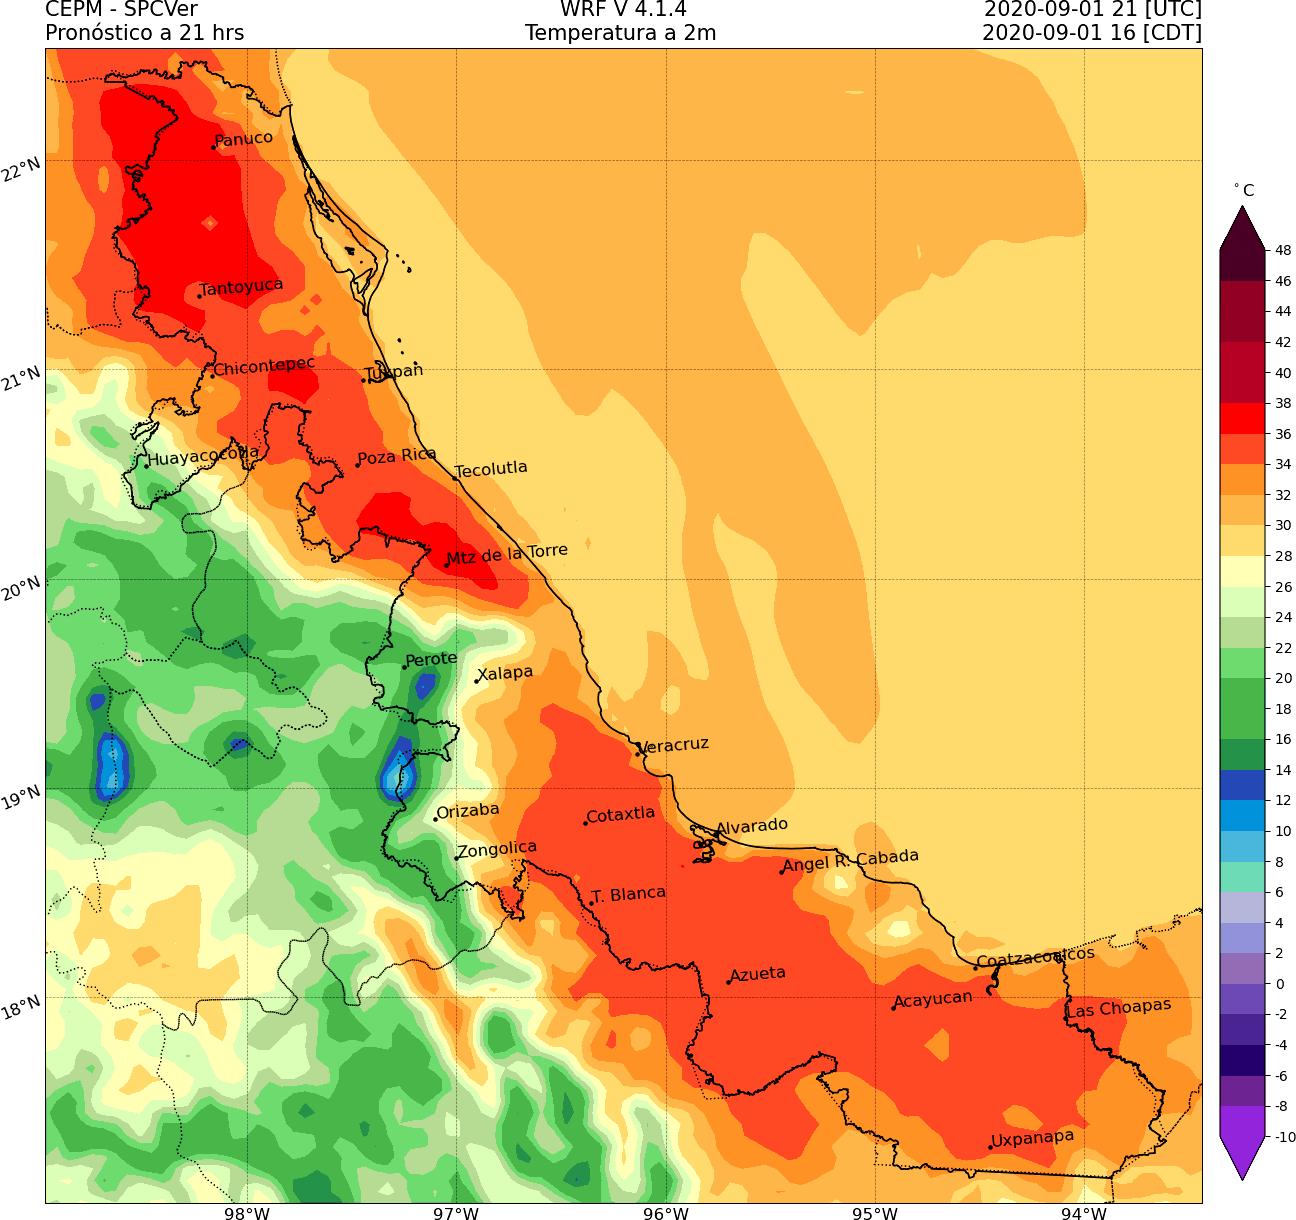 Surada en Veracruz y pronóstico de lluvia